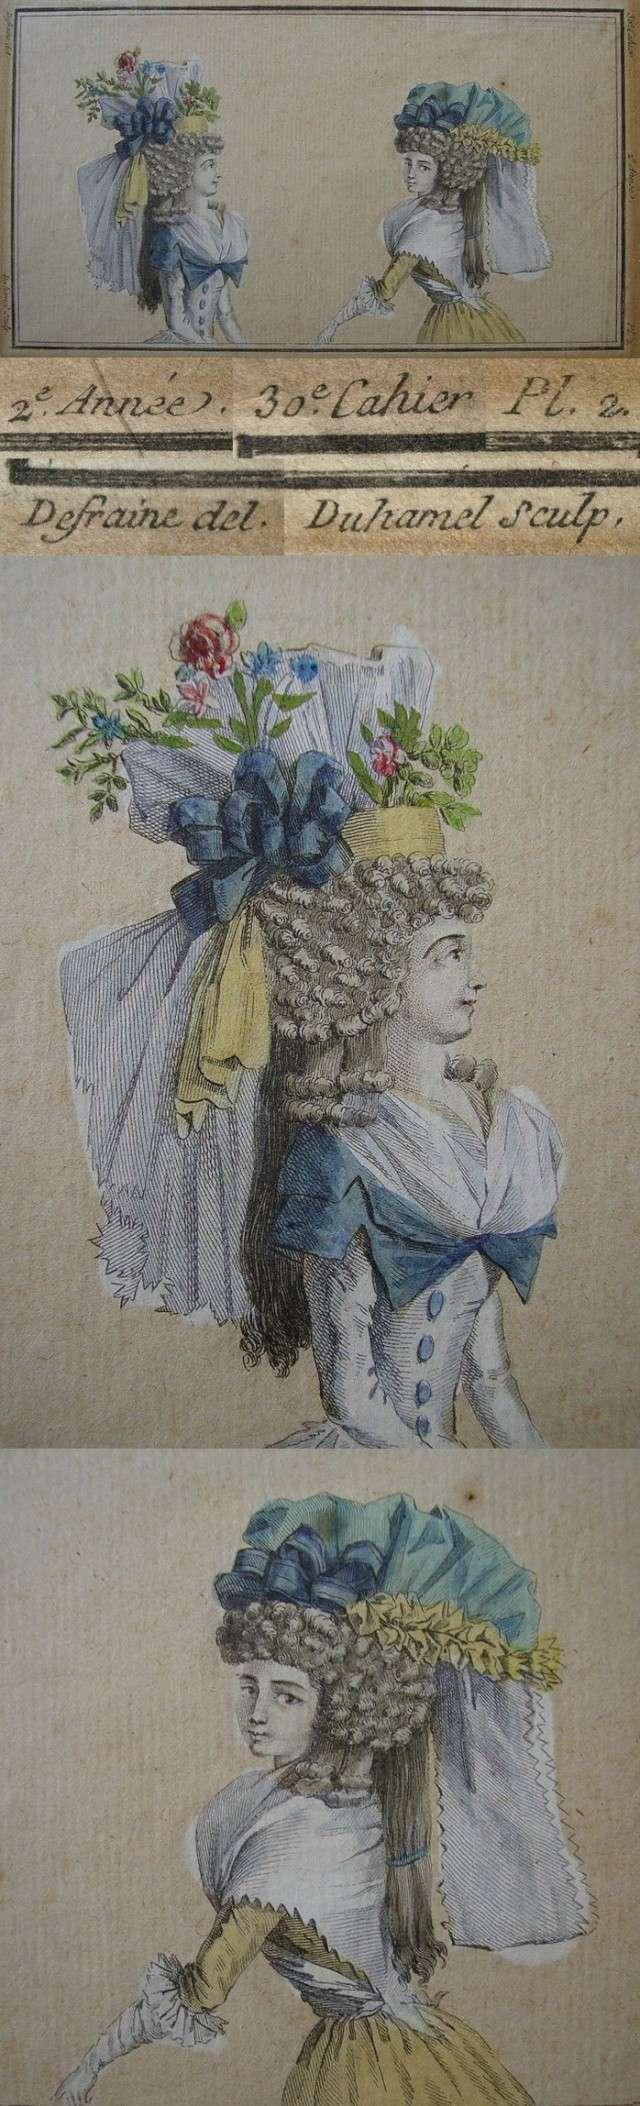 Coiffures du XVIIIeme: poufs, postiches, bonnets et chapeaux - Page 3 Duhame10